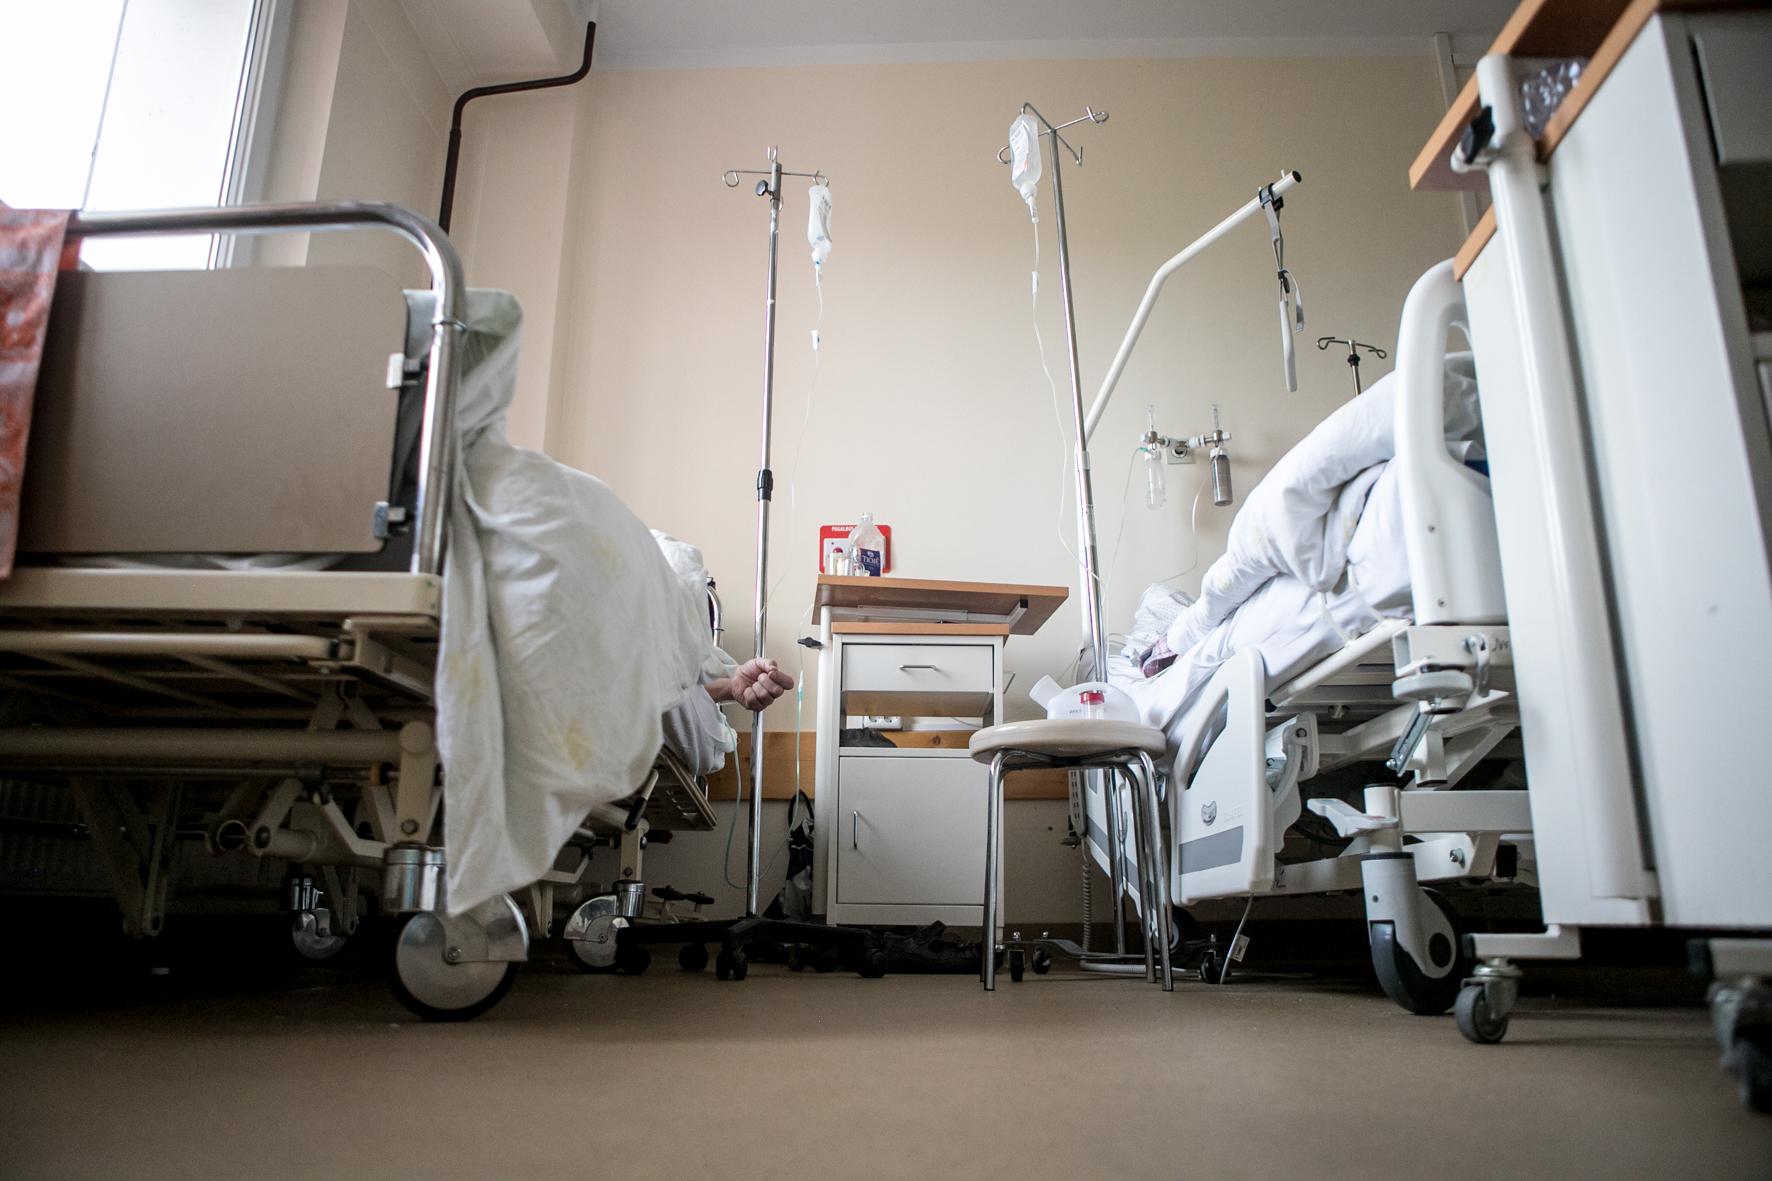 Dėl COVID-19 atsidūrusieji ligoninėje: nesiskiepijau ir nesigailiu   KaunoDiena.lt - Kauno diena